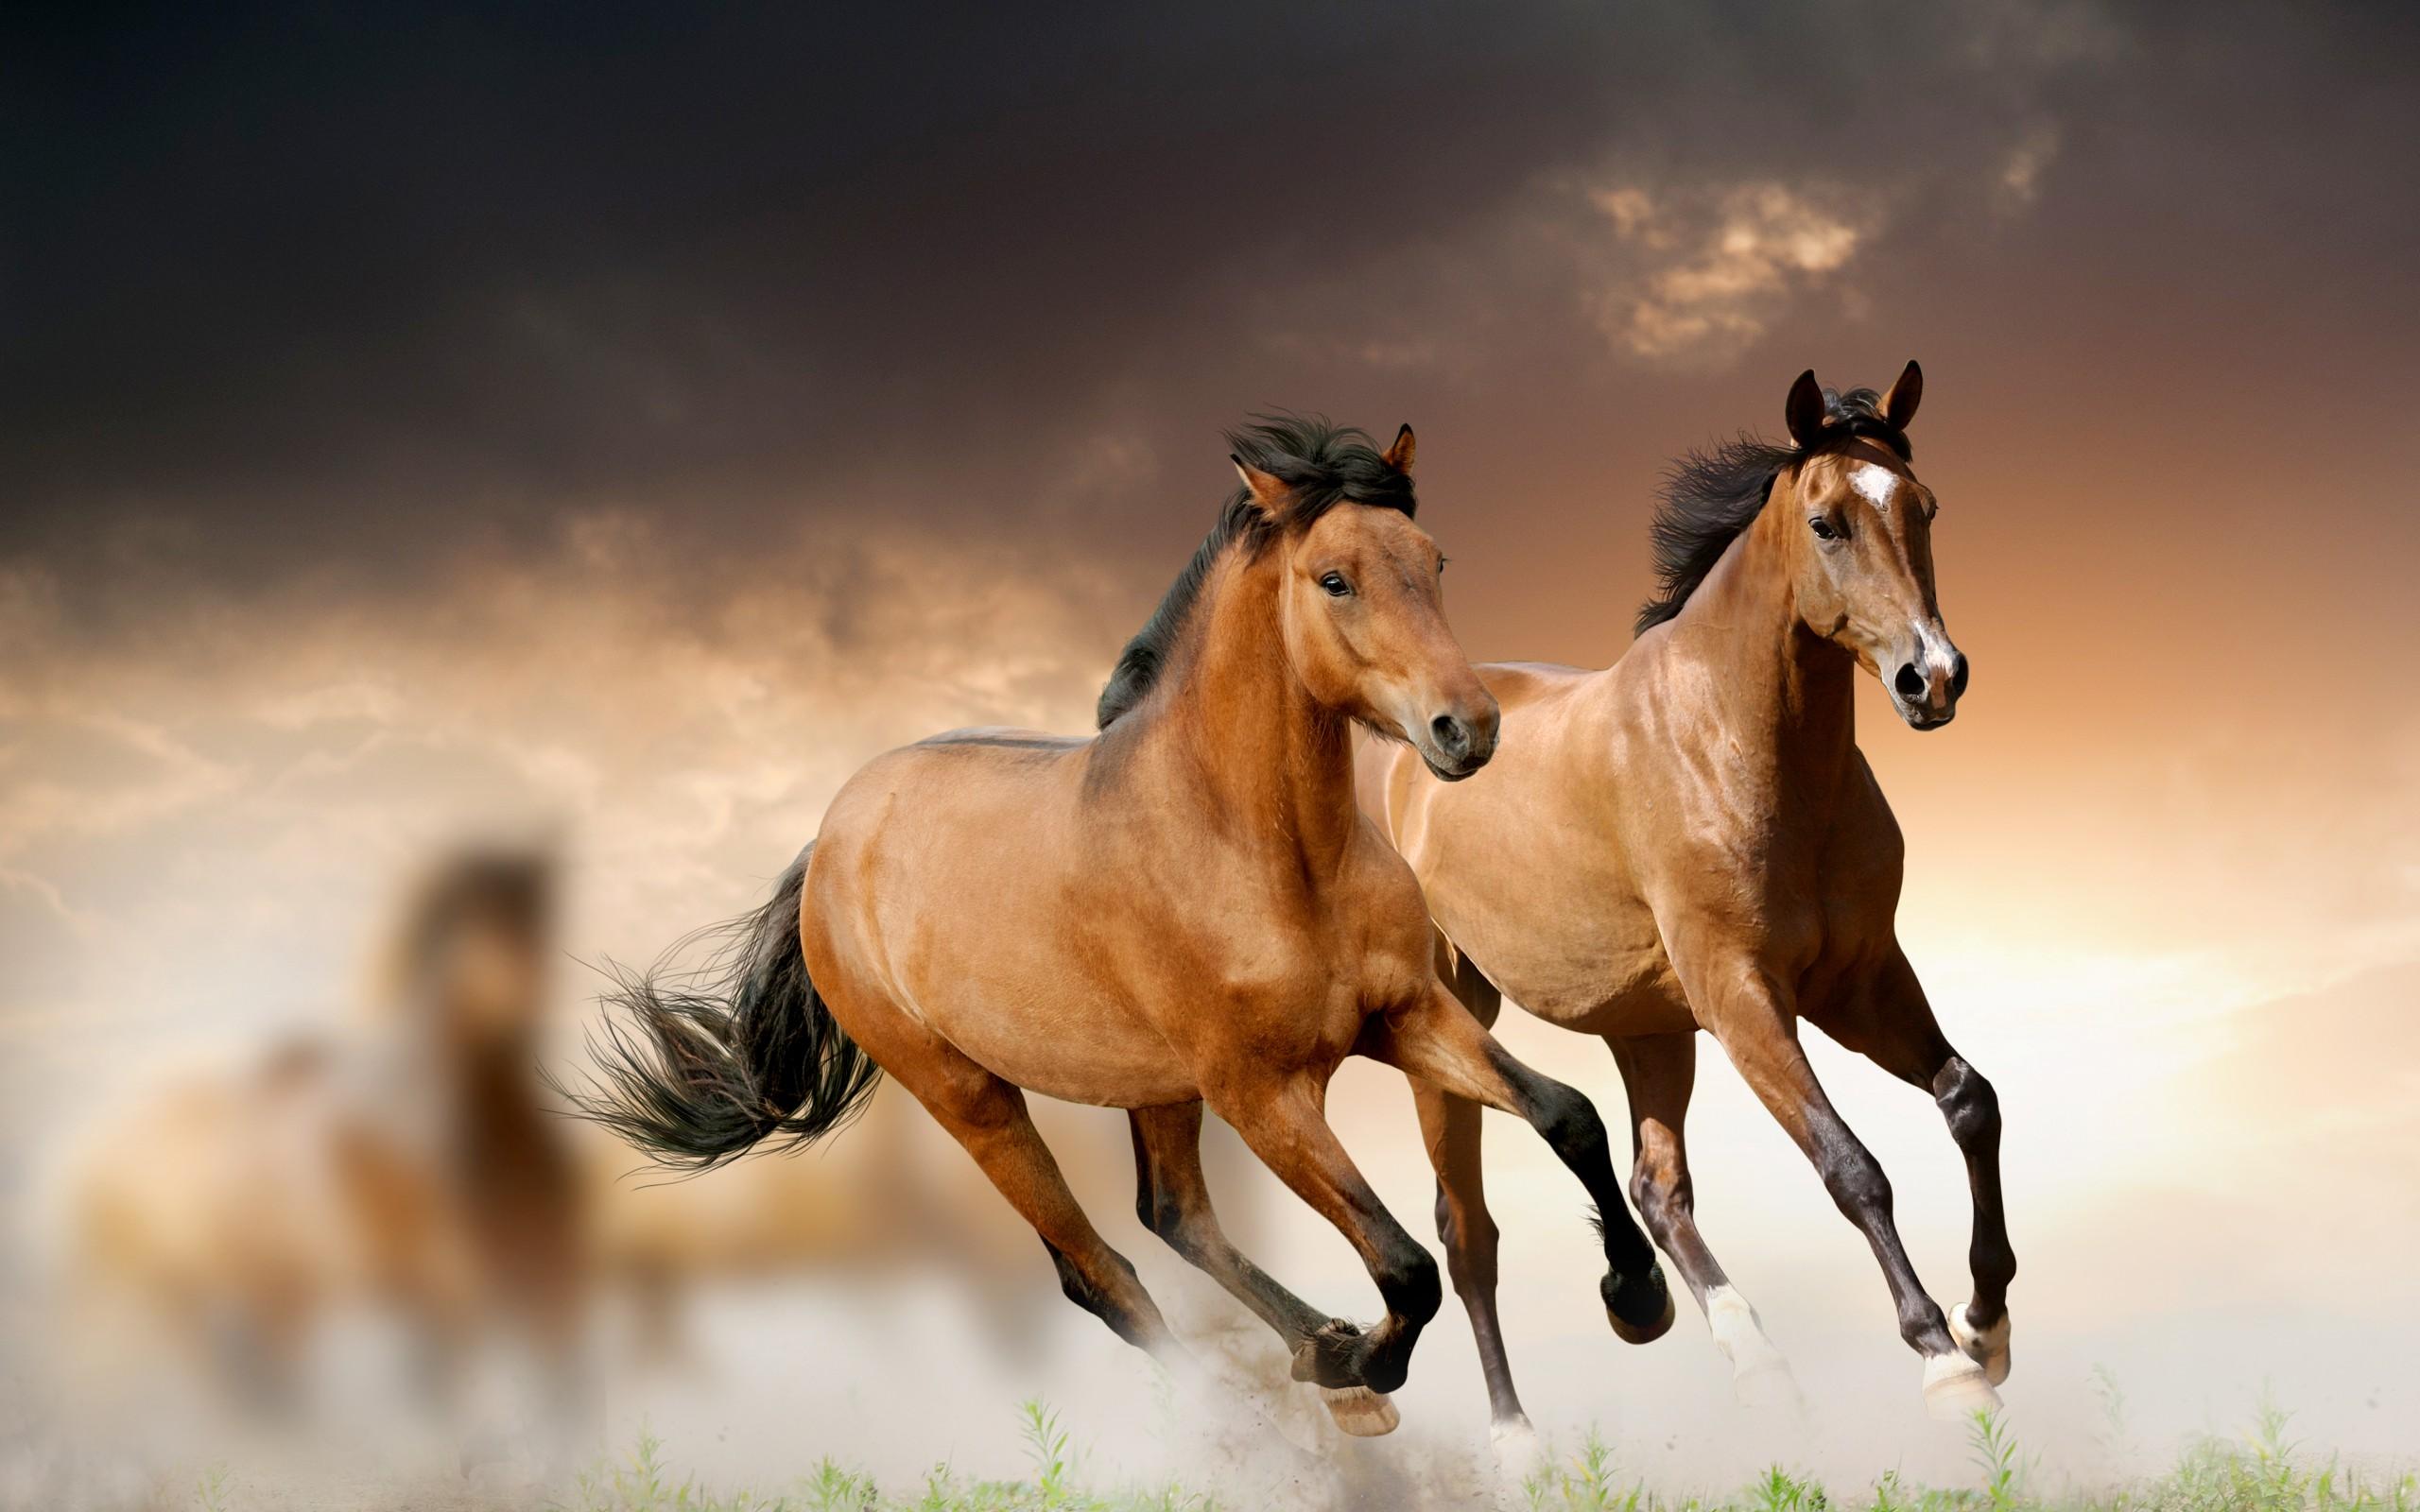 лошади обои на рабочий стол 1280х1024 № 489495 загрузить